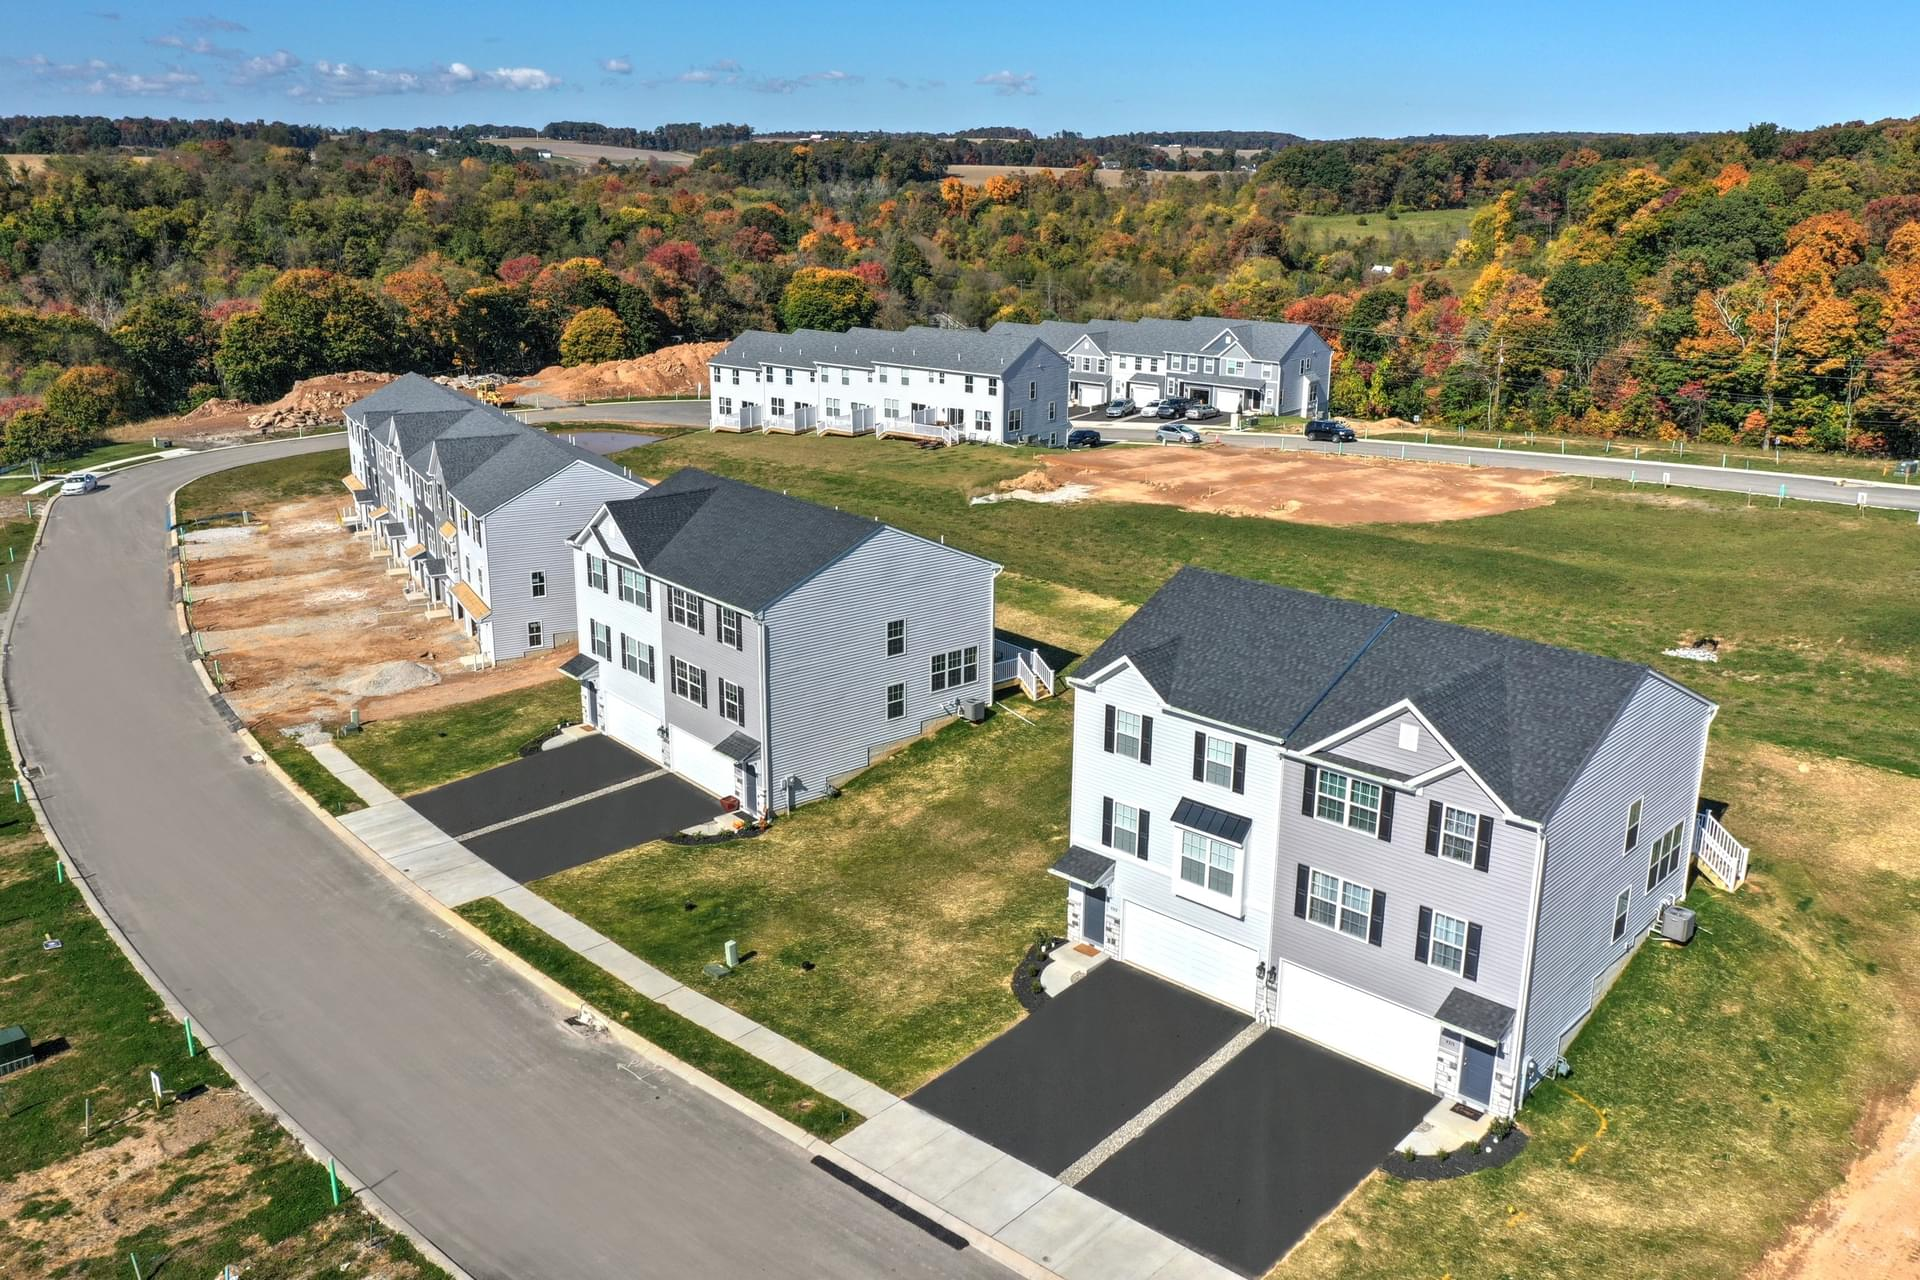 Berks Homes in Lot #89 4325 Blackburn Dr, Stewartstown, PA 17363 PA